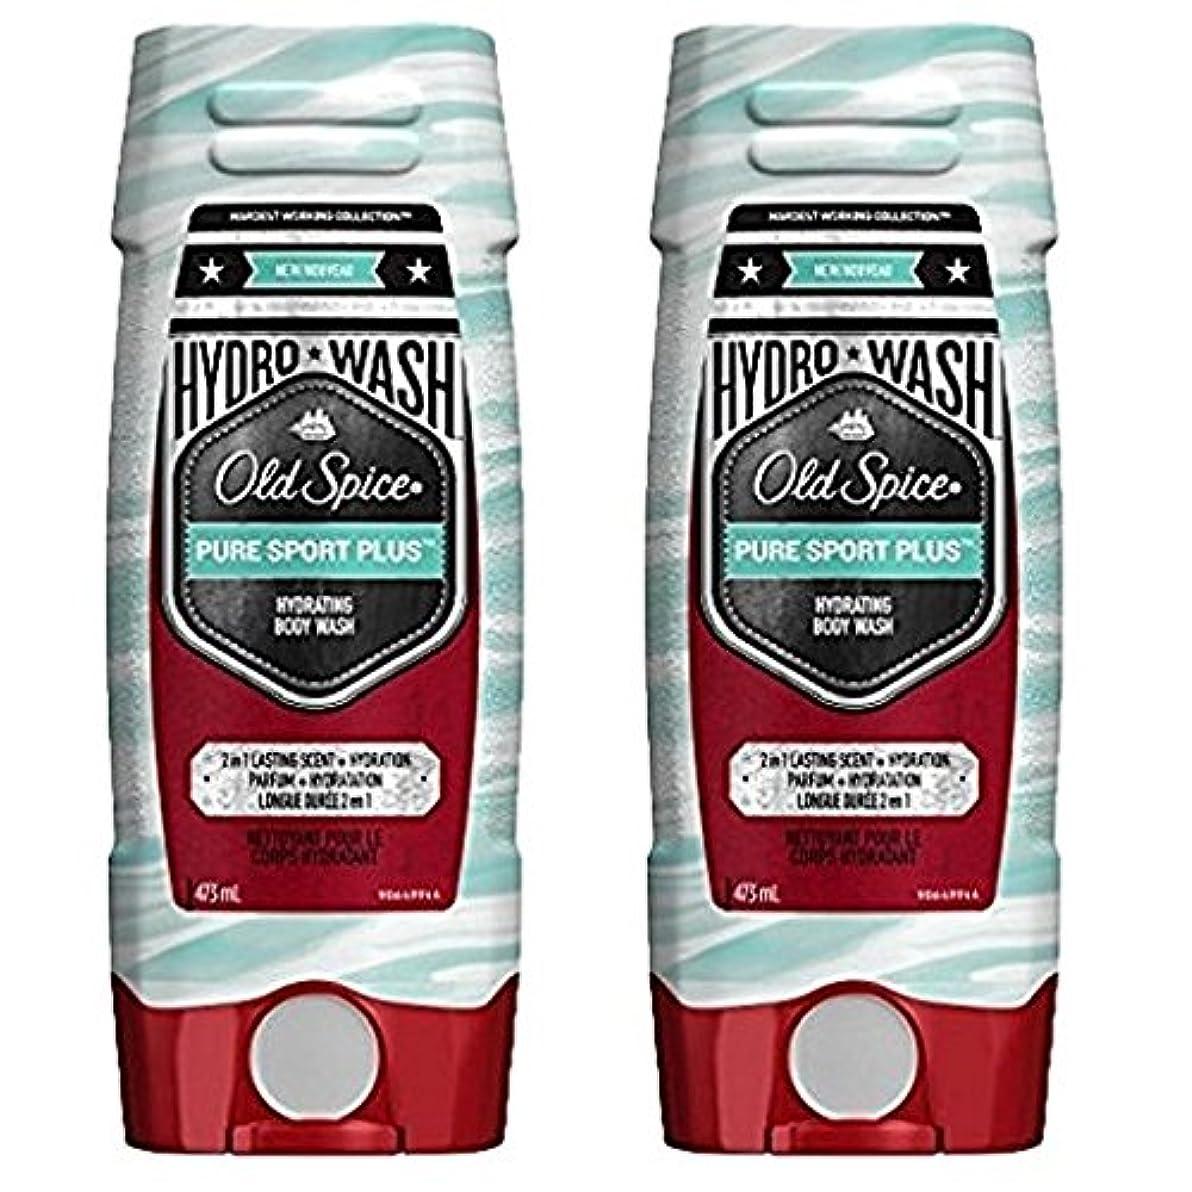 薄いです音声学札入れ海外直送品 Old Spice Hydro Wash Body Wash Hardest Working Collection Pure Sport Plus 16 Oz, 2 Pack ボディーソープ 2本